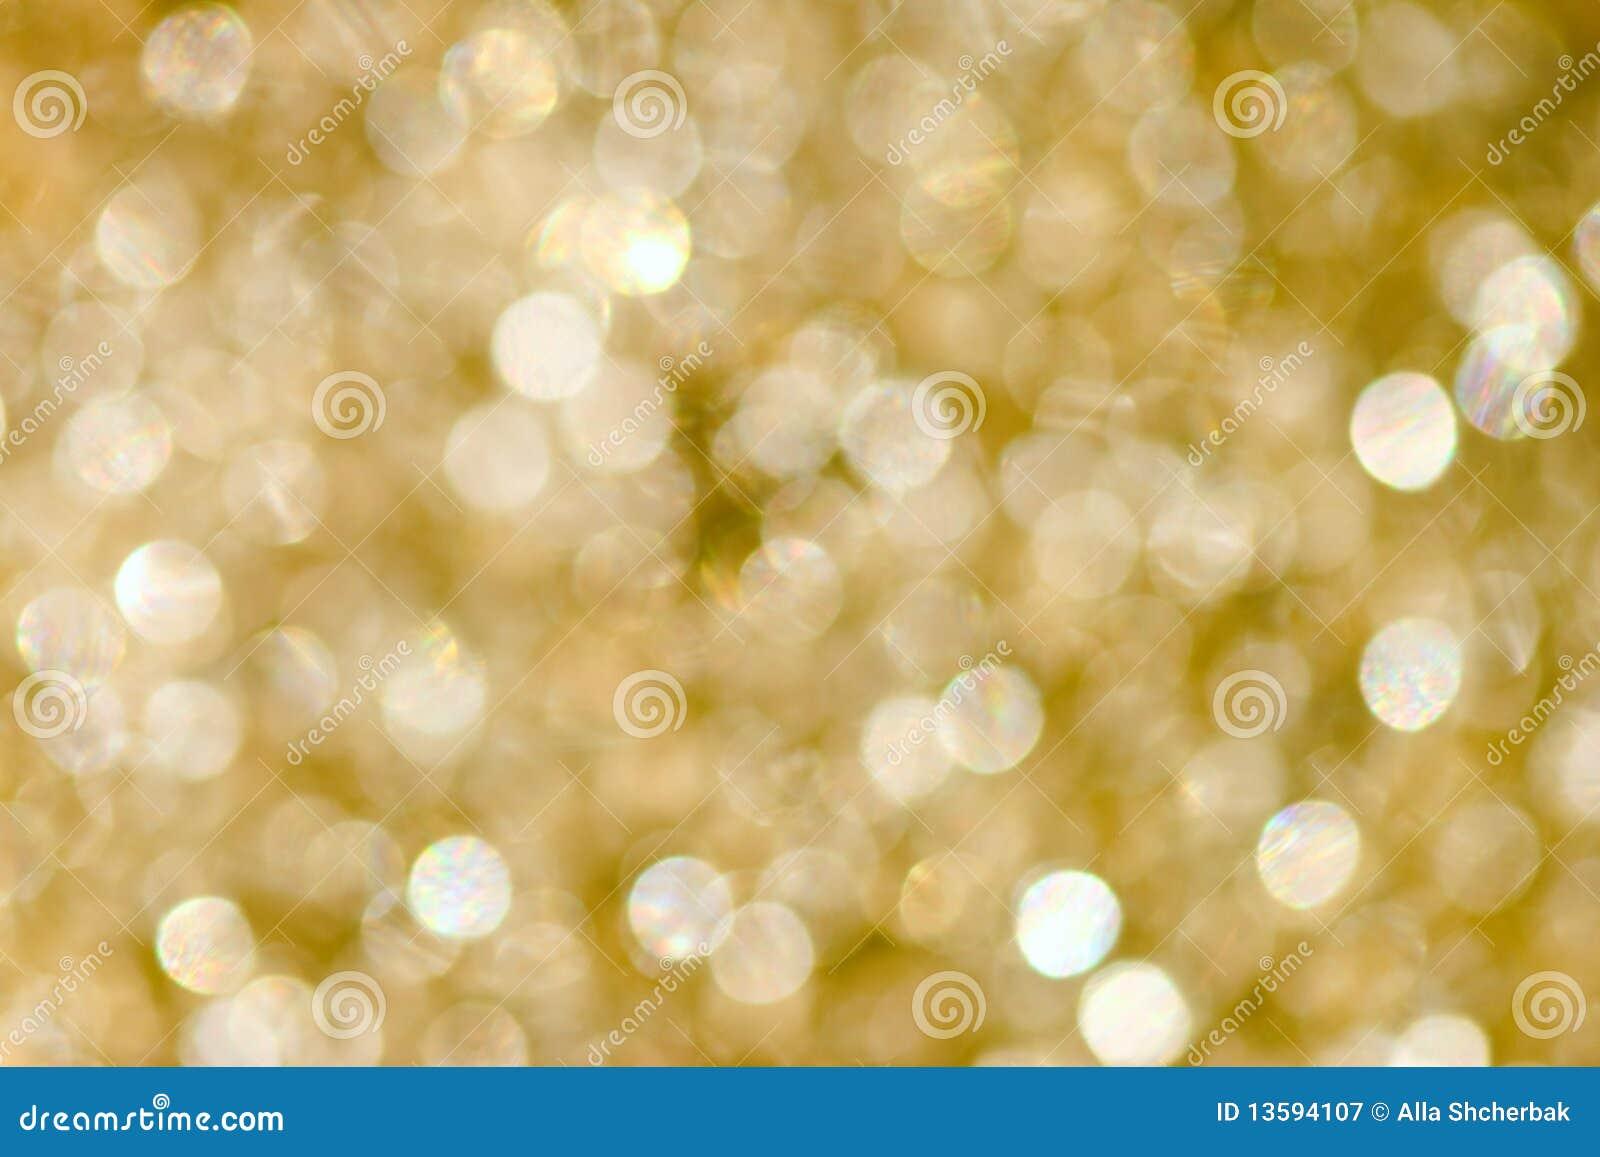 Fondo abstracto del oro